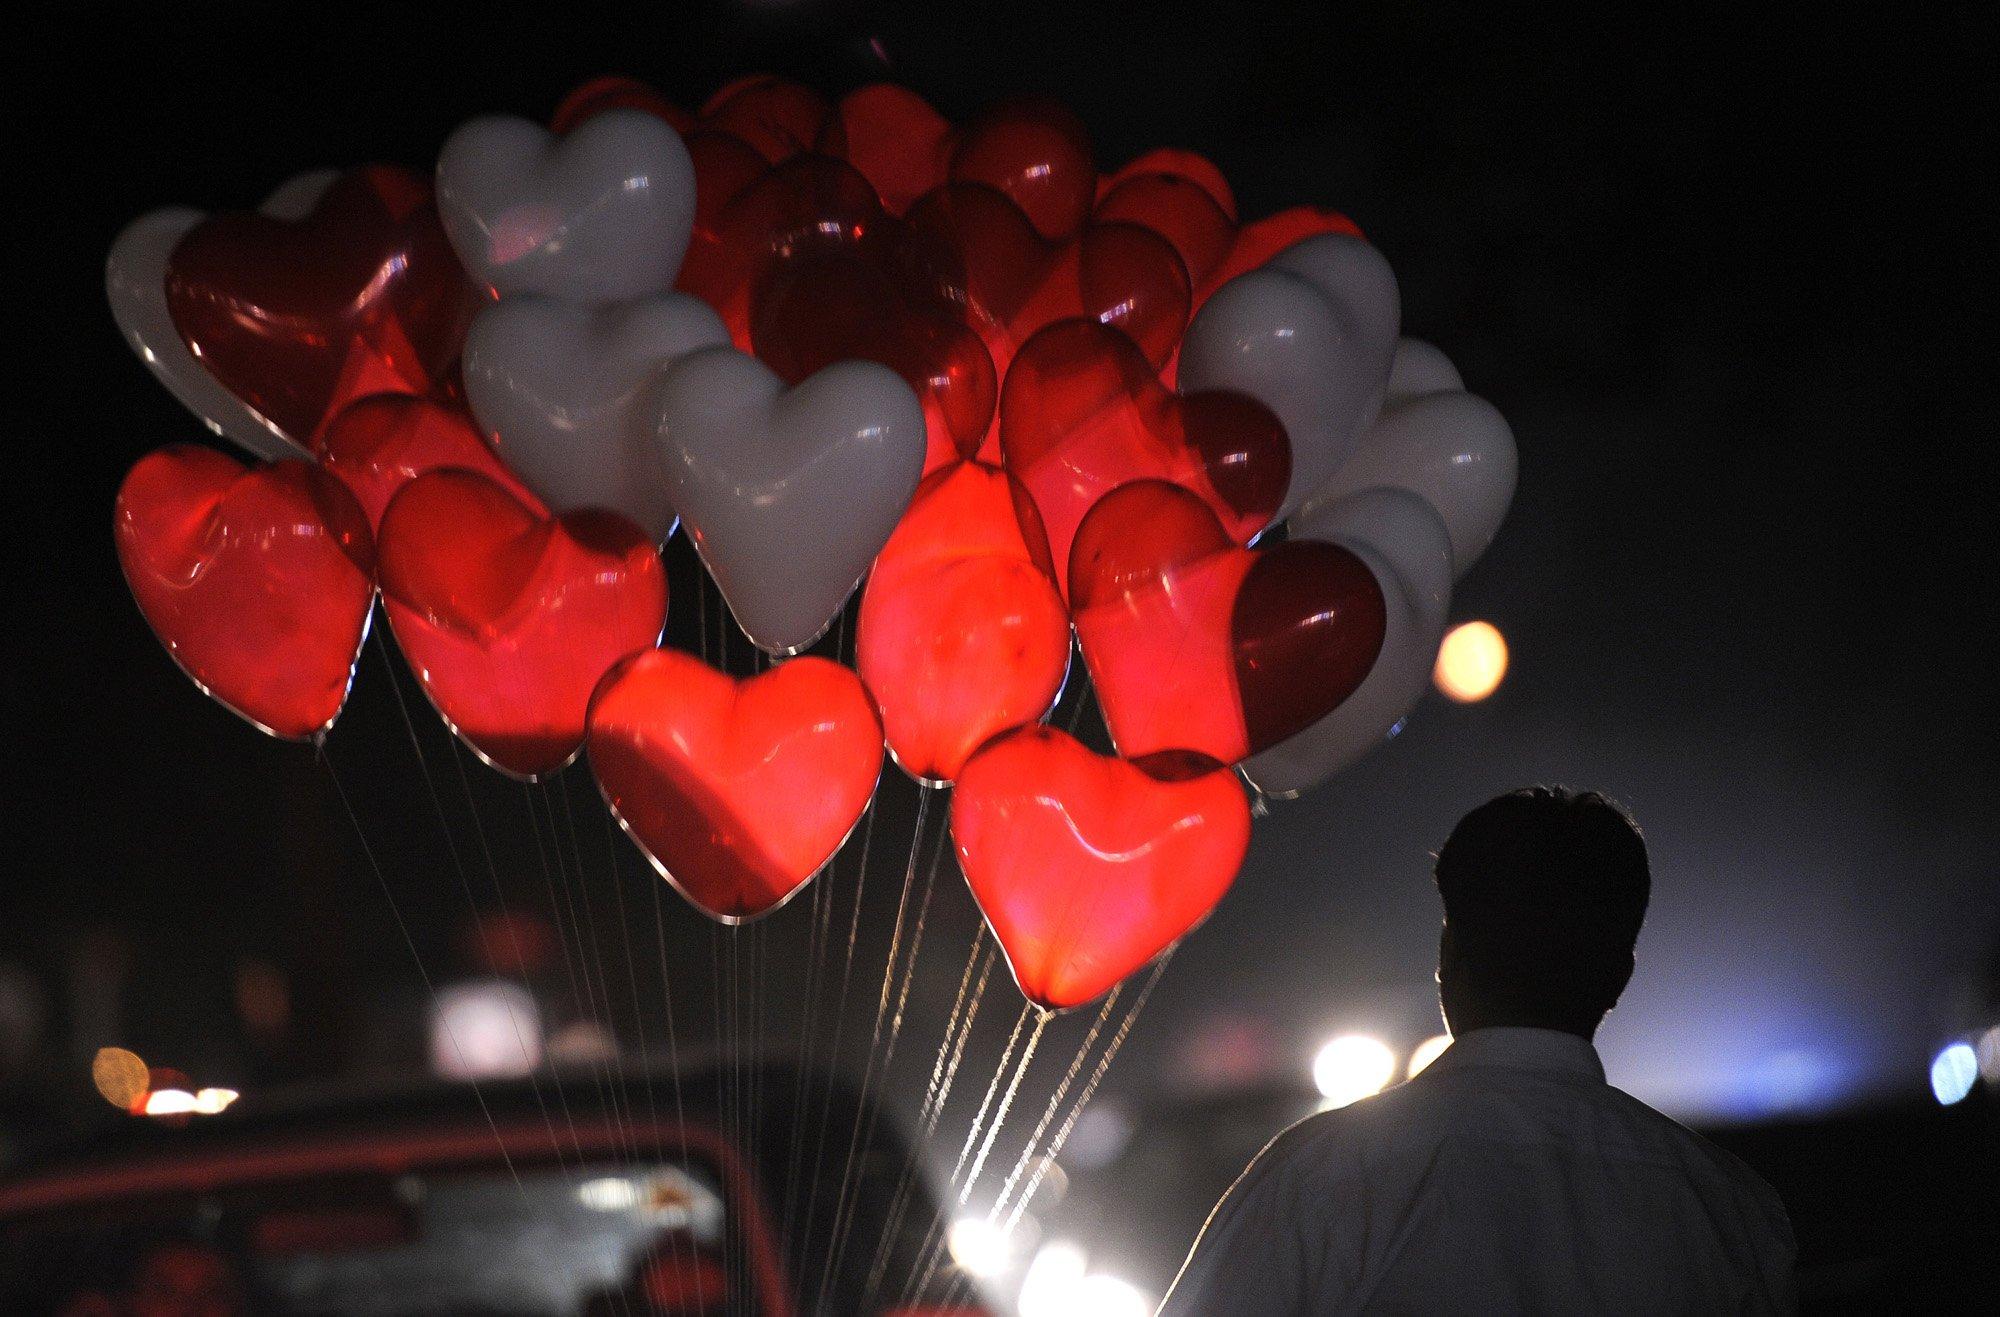 День святого Валентина в Украине начали  отмечать с 1990 года